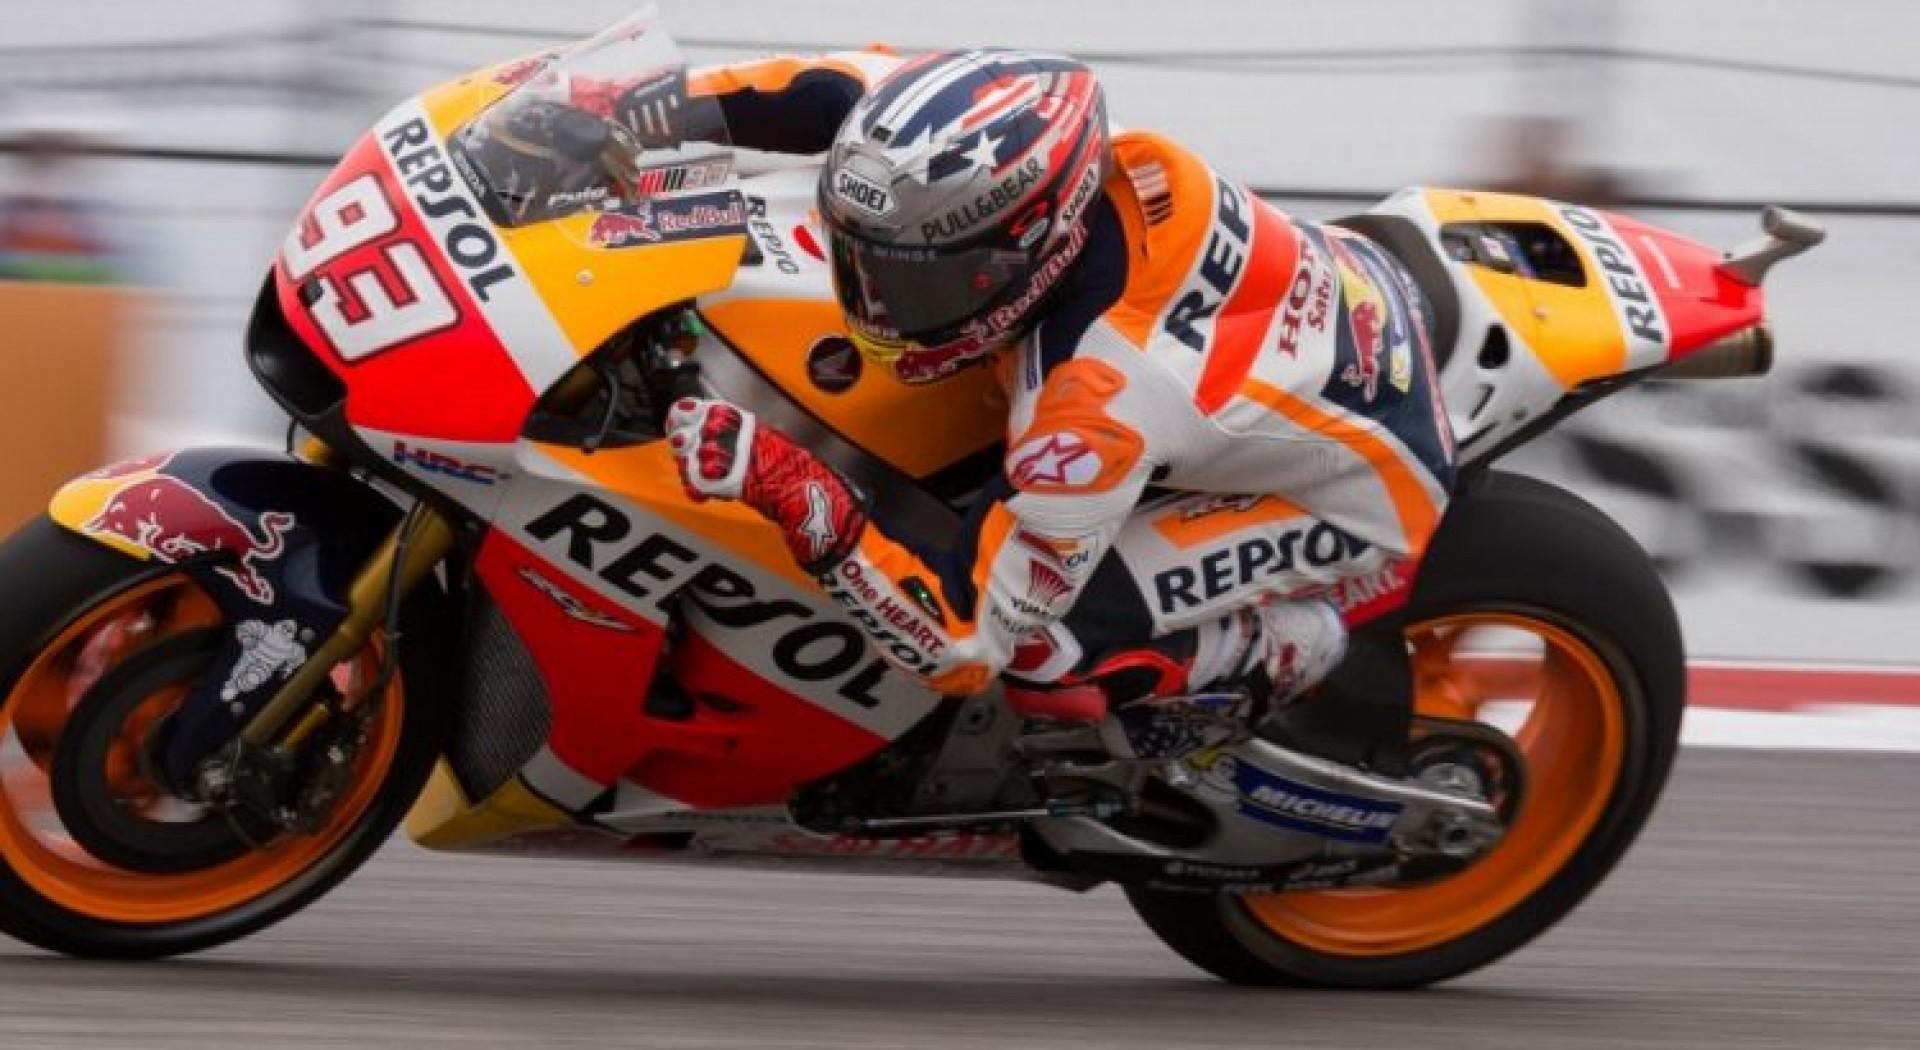 Marquez en pole au GP d'Allemagne, Rossi 9ème